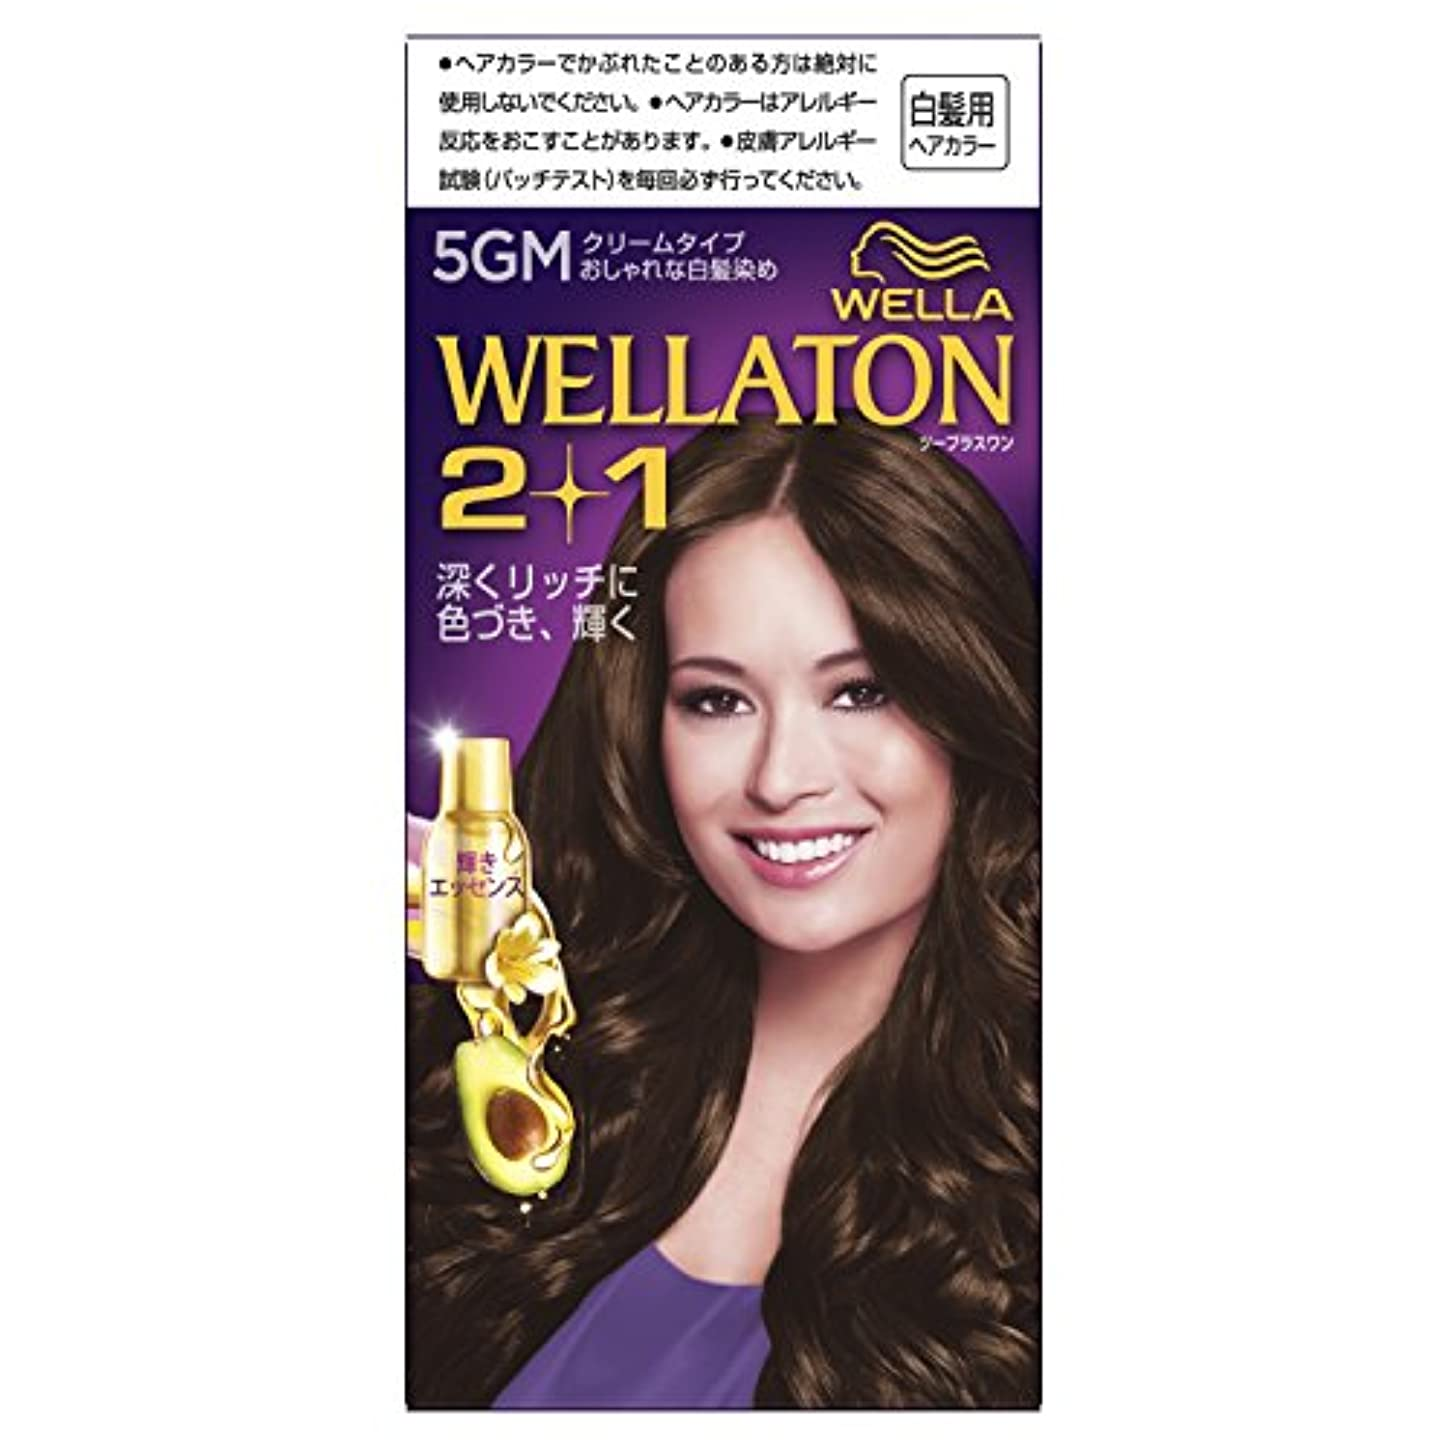 よろしく分割貨物ウエラトーン2+1 クリームタイプ 5GM [医薬部外品](おしゃれな白髪染め)